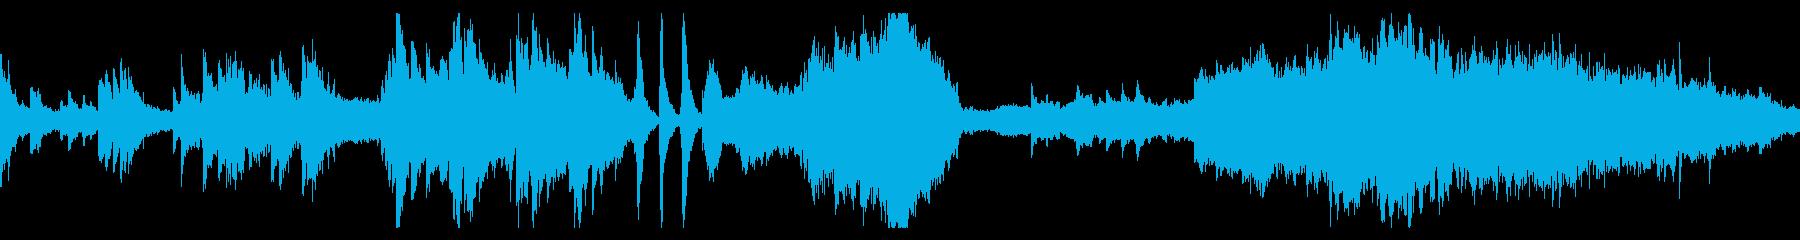 妖精の暮らす村をイメージしたゲーム音楽の再生済みの波形